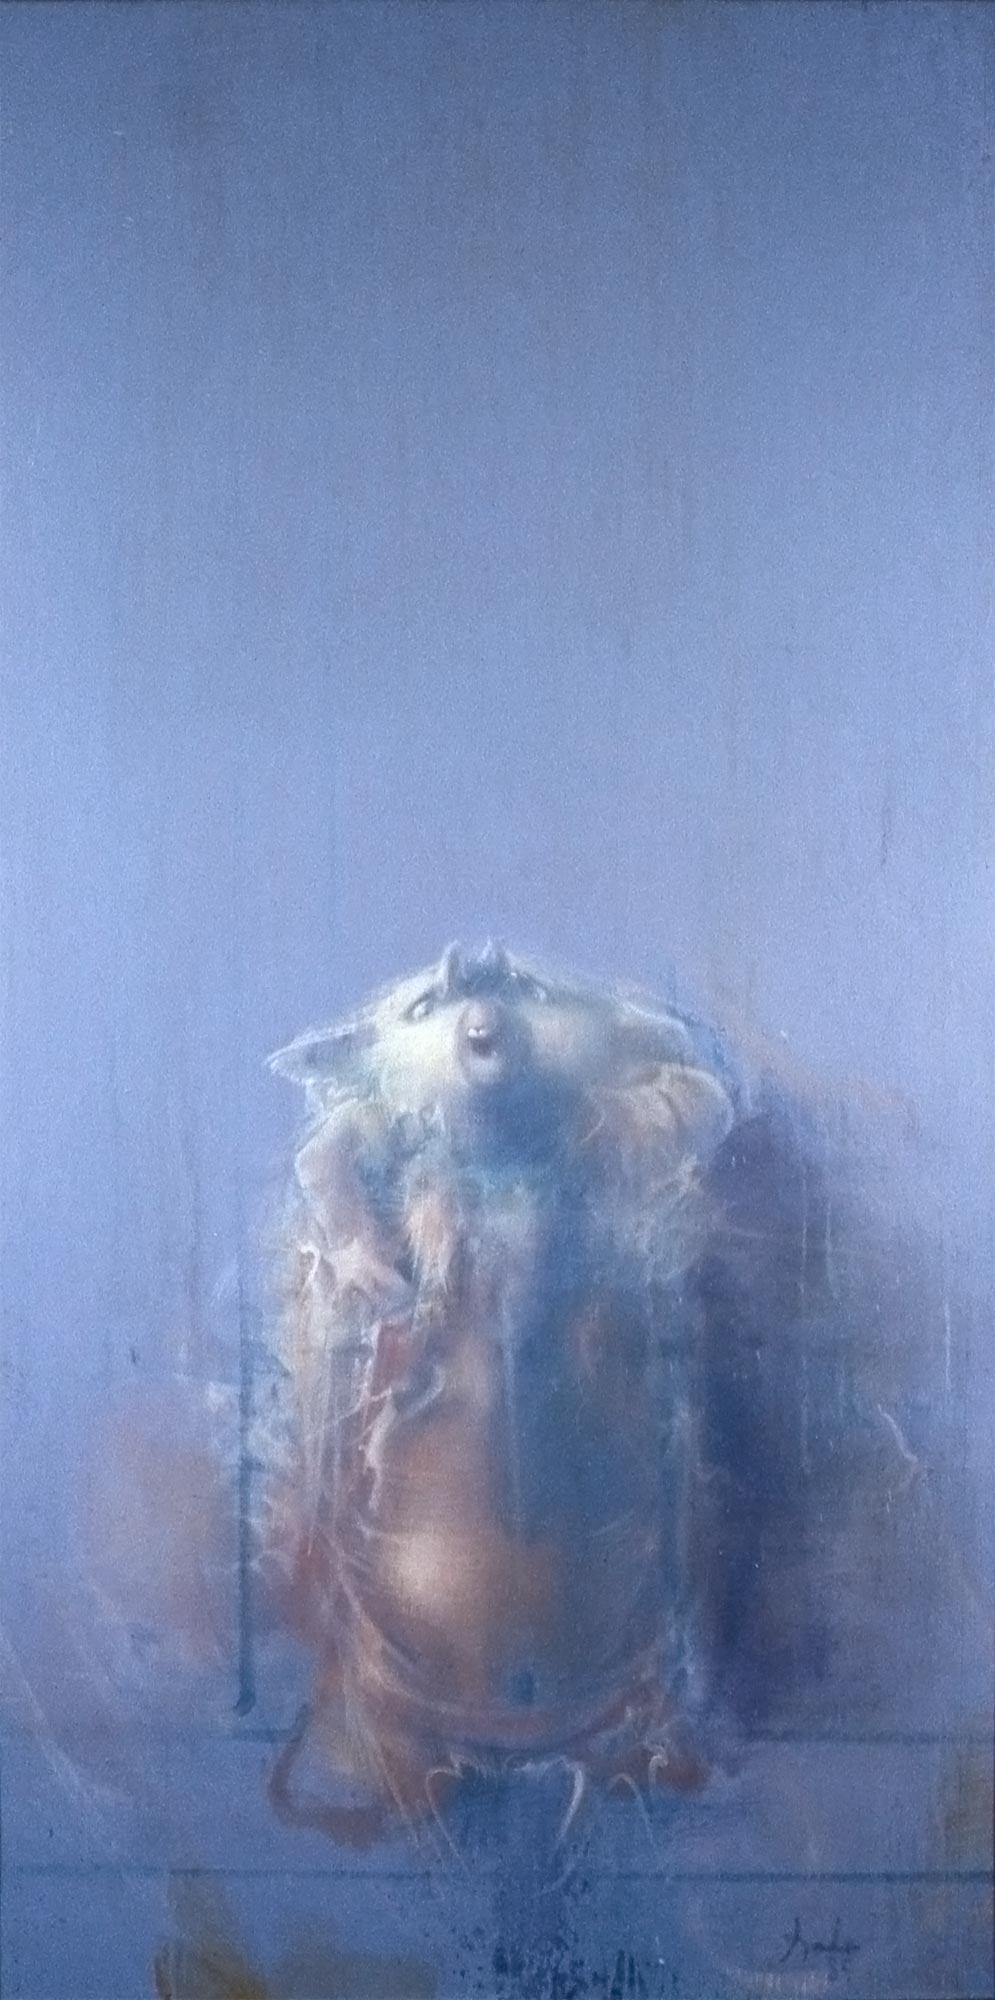 Dado: Ceyx solitaria, 1985